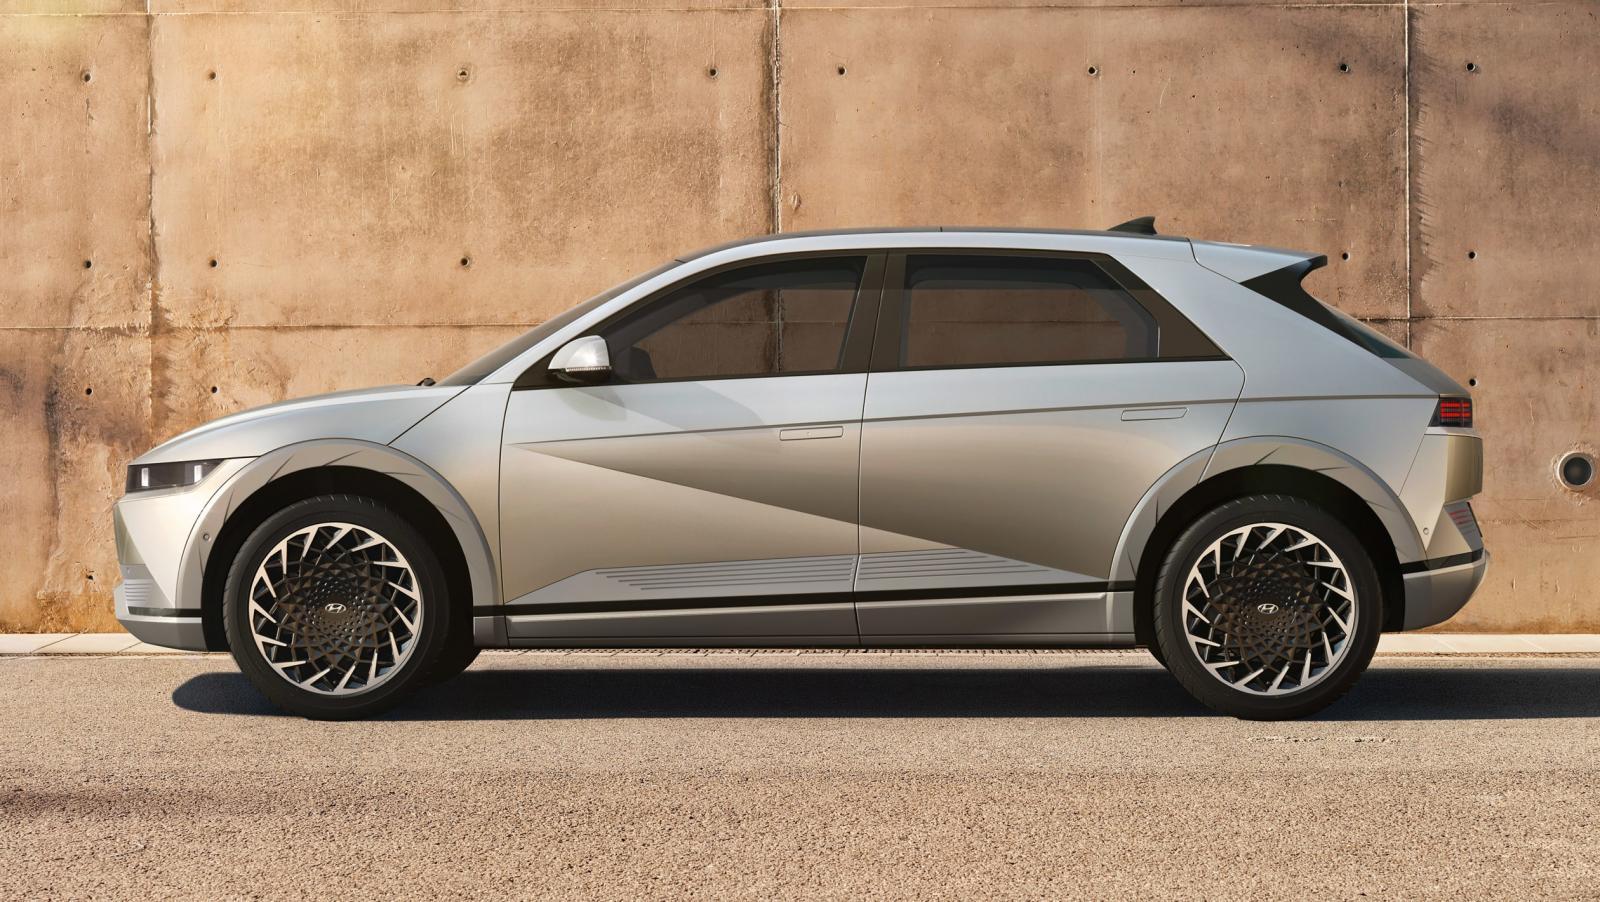 Bilen mäter 4,6 meter på längden, hela 34 centimeter längre än Volkswagen ID 3 och 1,5 centimeter längre än ID 4.